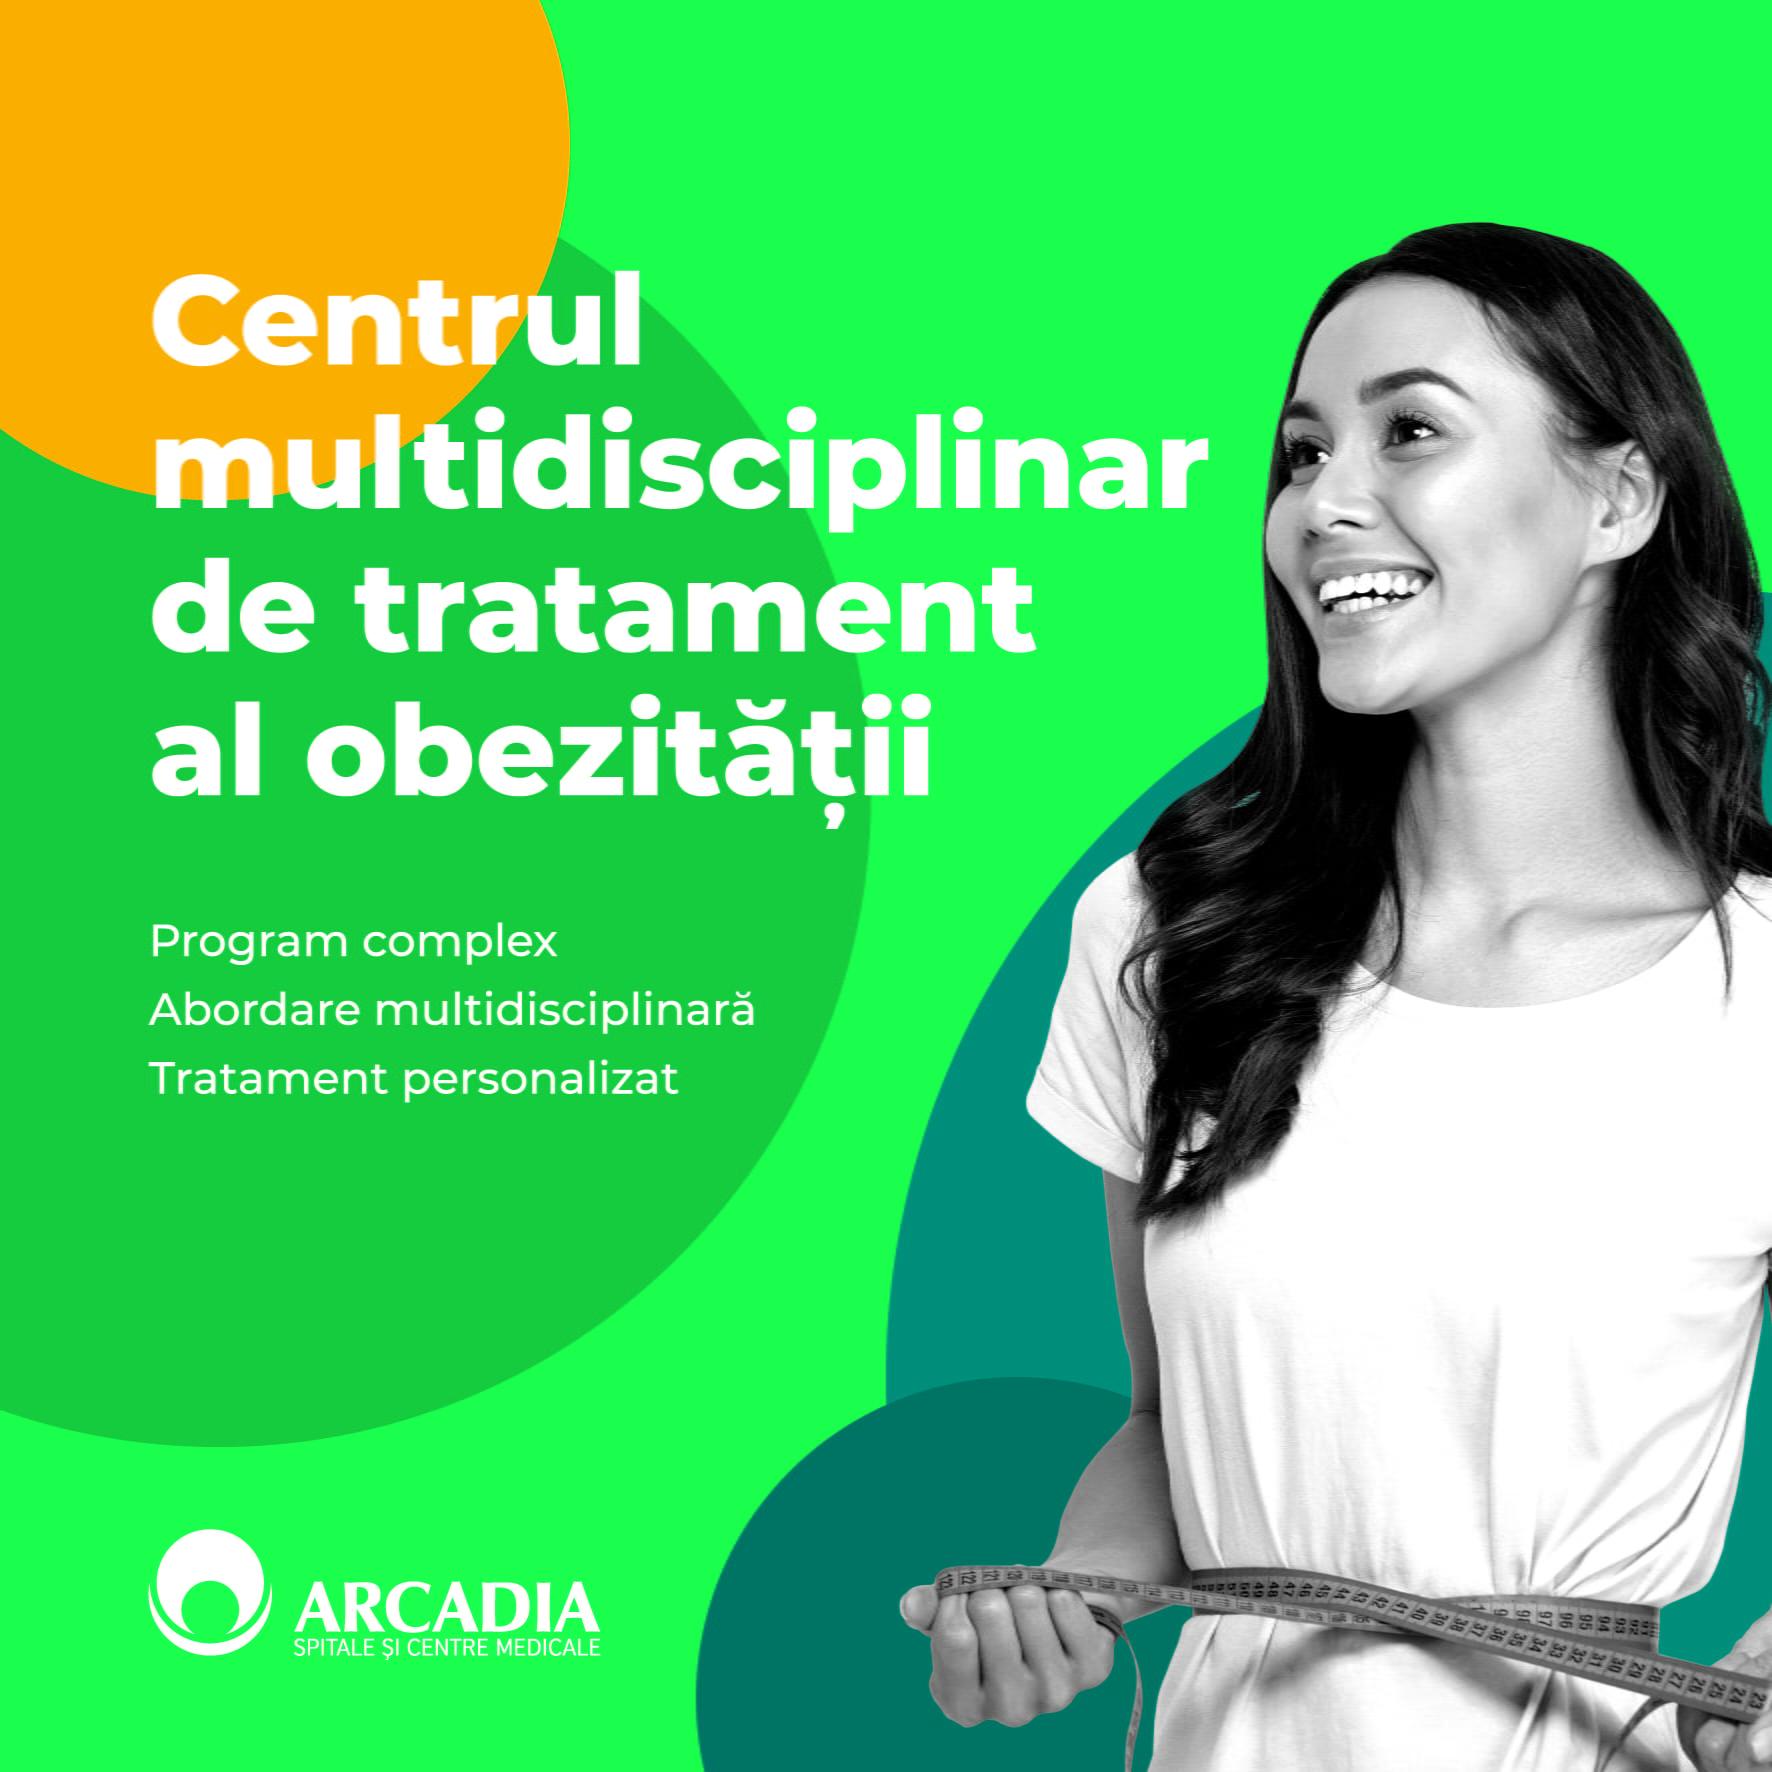 Centrul multidisciplinar de tratament al obezității. Soluții personalizate în lupta cu kilogramele în plus, la Arcadia